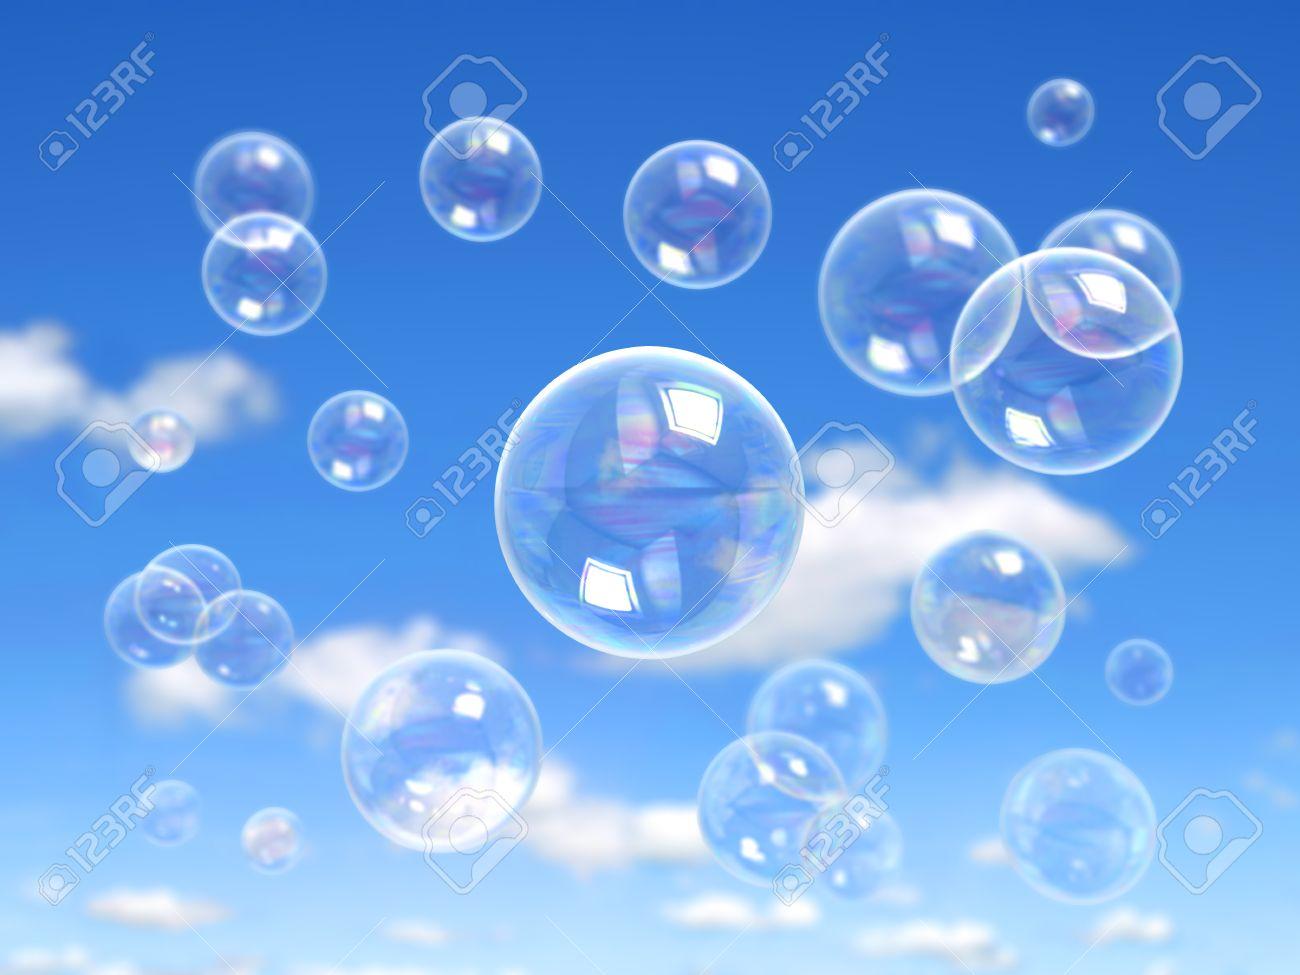 Burbuja De Jabón En El Agua De Jabón Realista Fondo Azul Burbujas